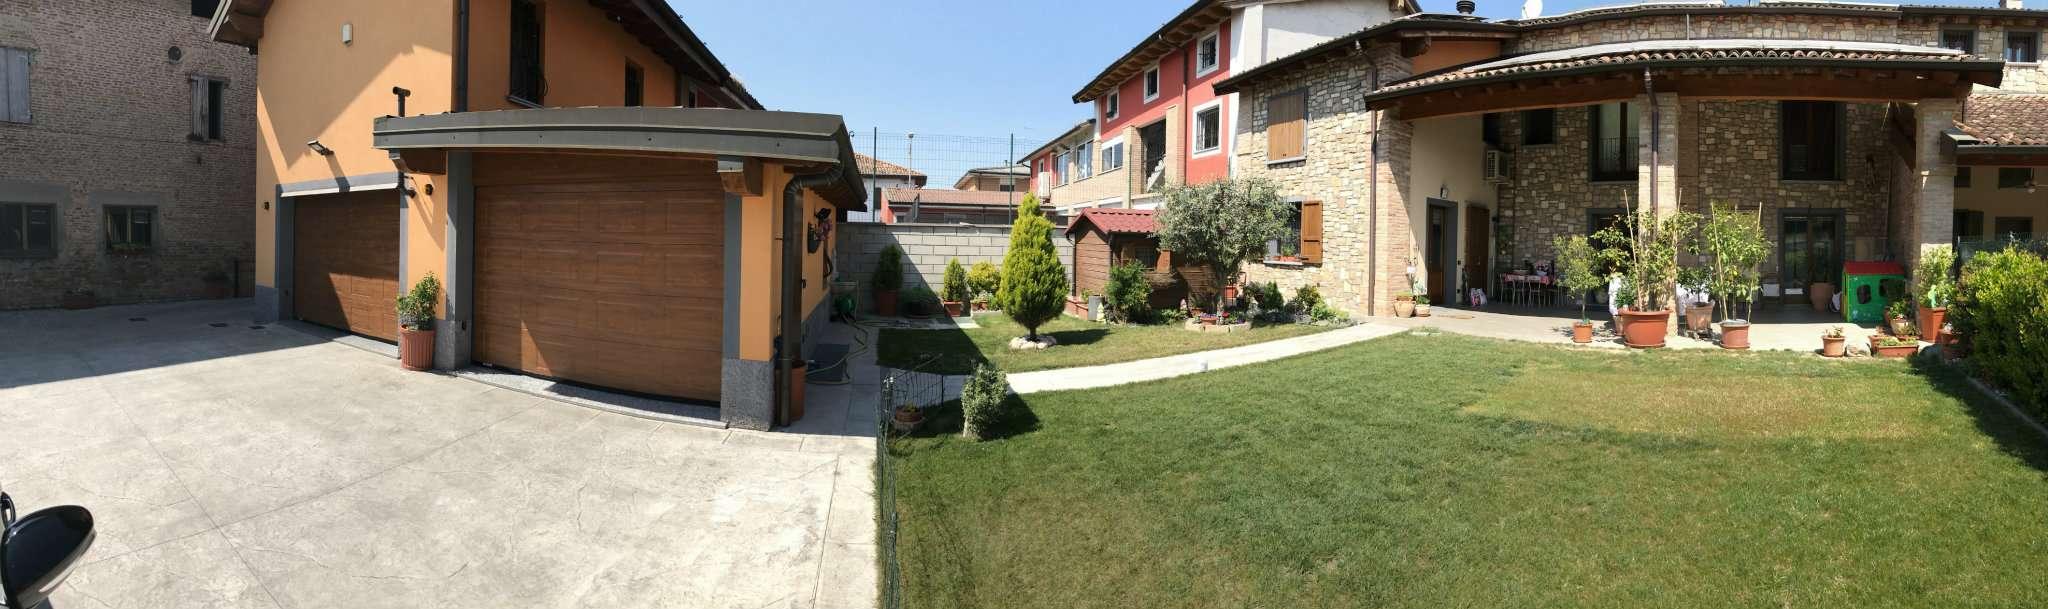 Soluzione Indipendente in vendita a Romano di Lombardia, 8 locali, Trattative riservate | Cambio Casa.it